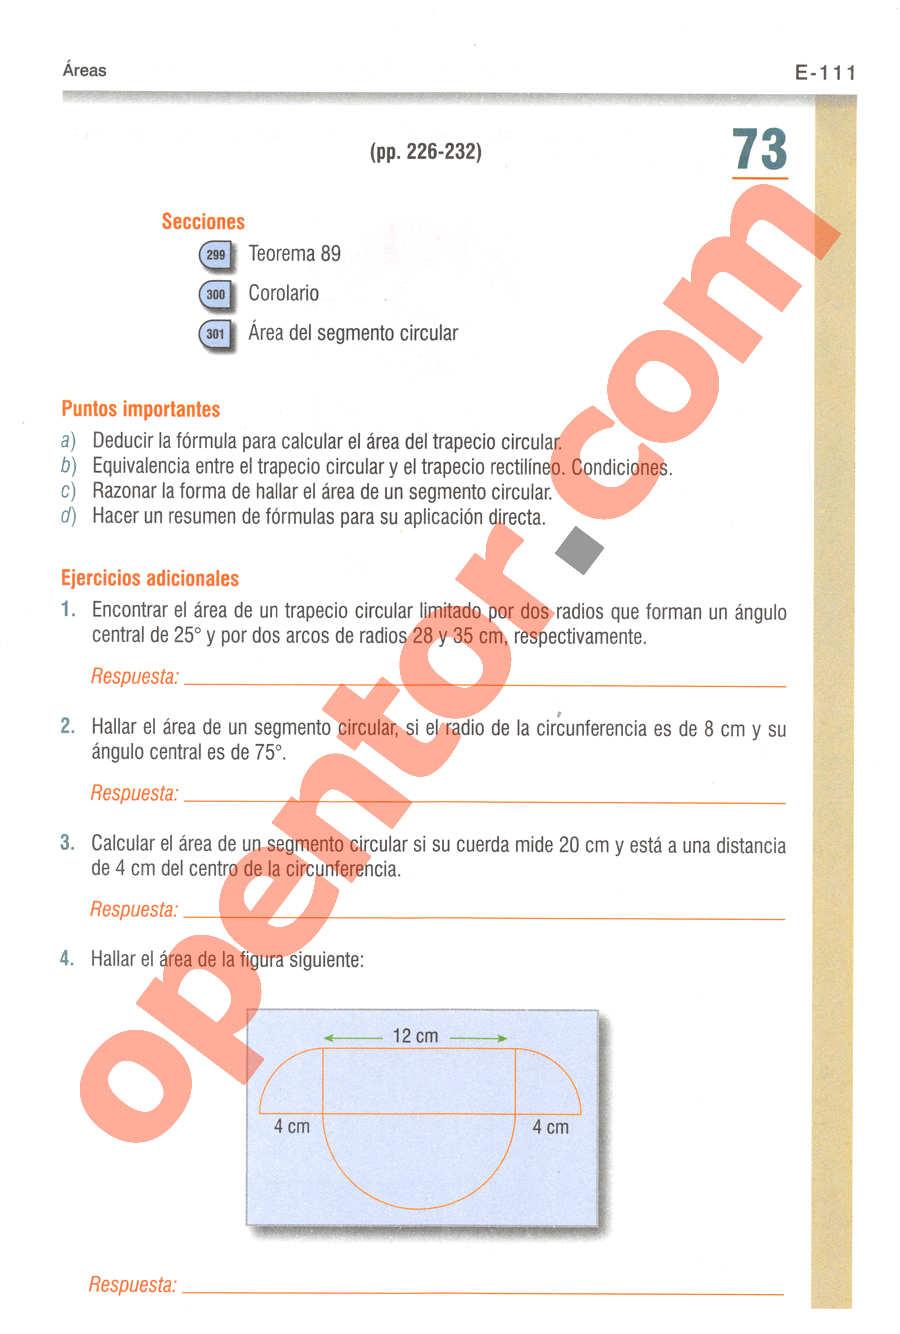 Geometría y Trigonometría de Baldor - Página E111